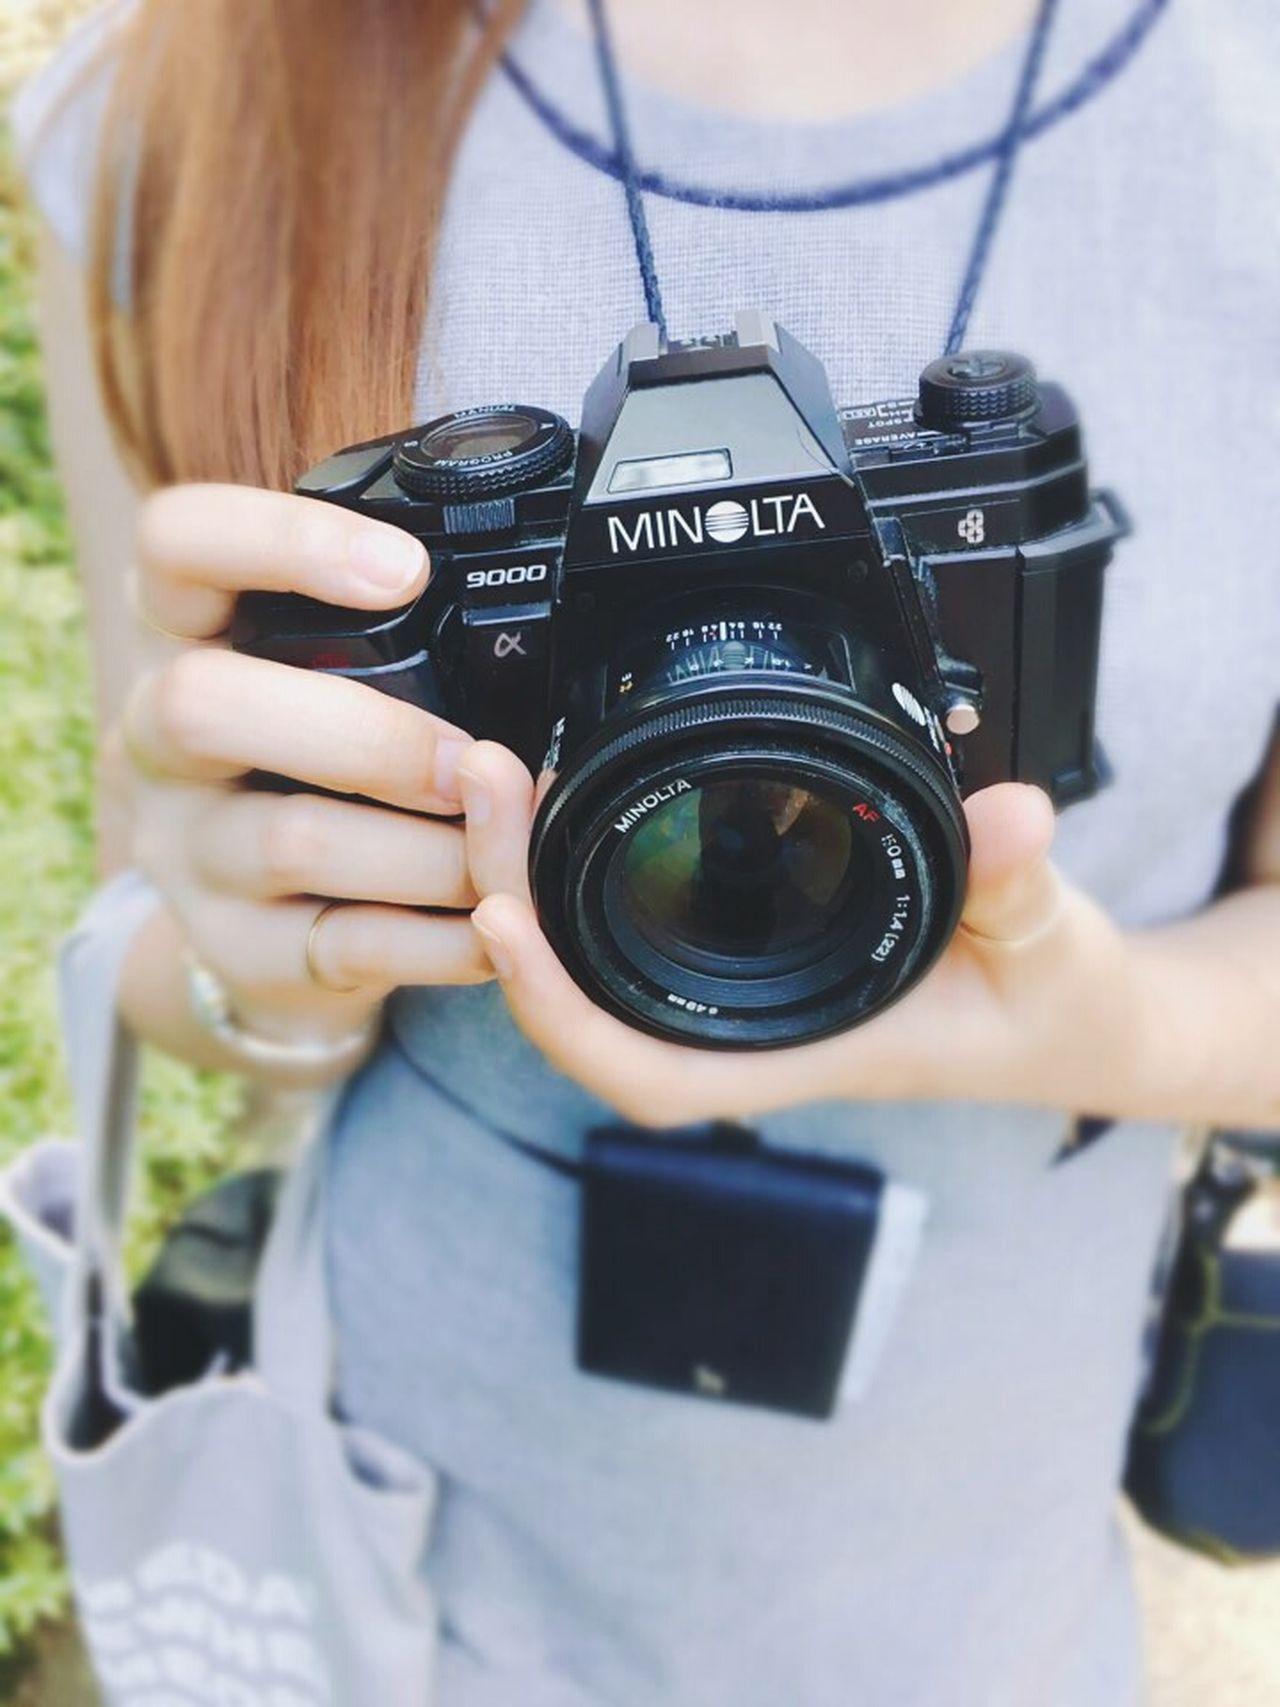 Camera Minolta Alpha9000 Hands